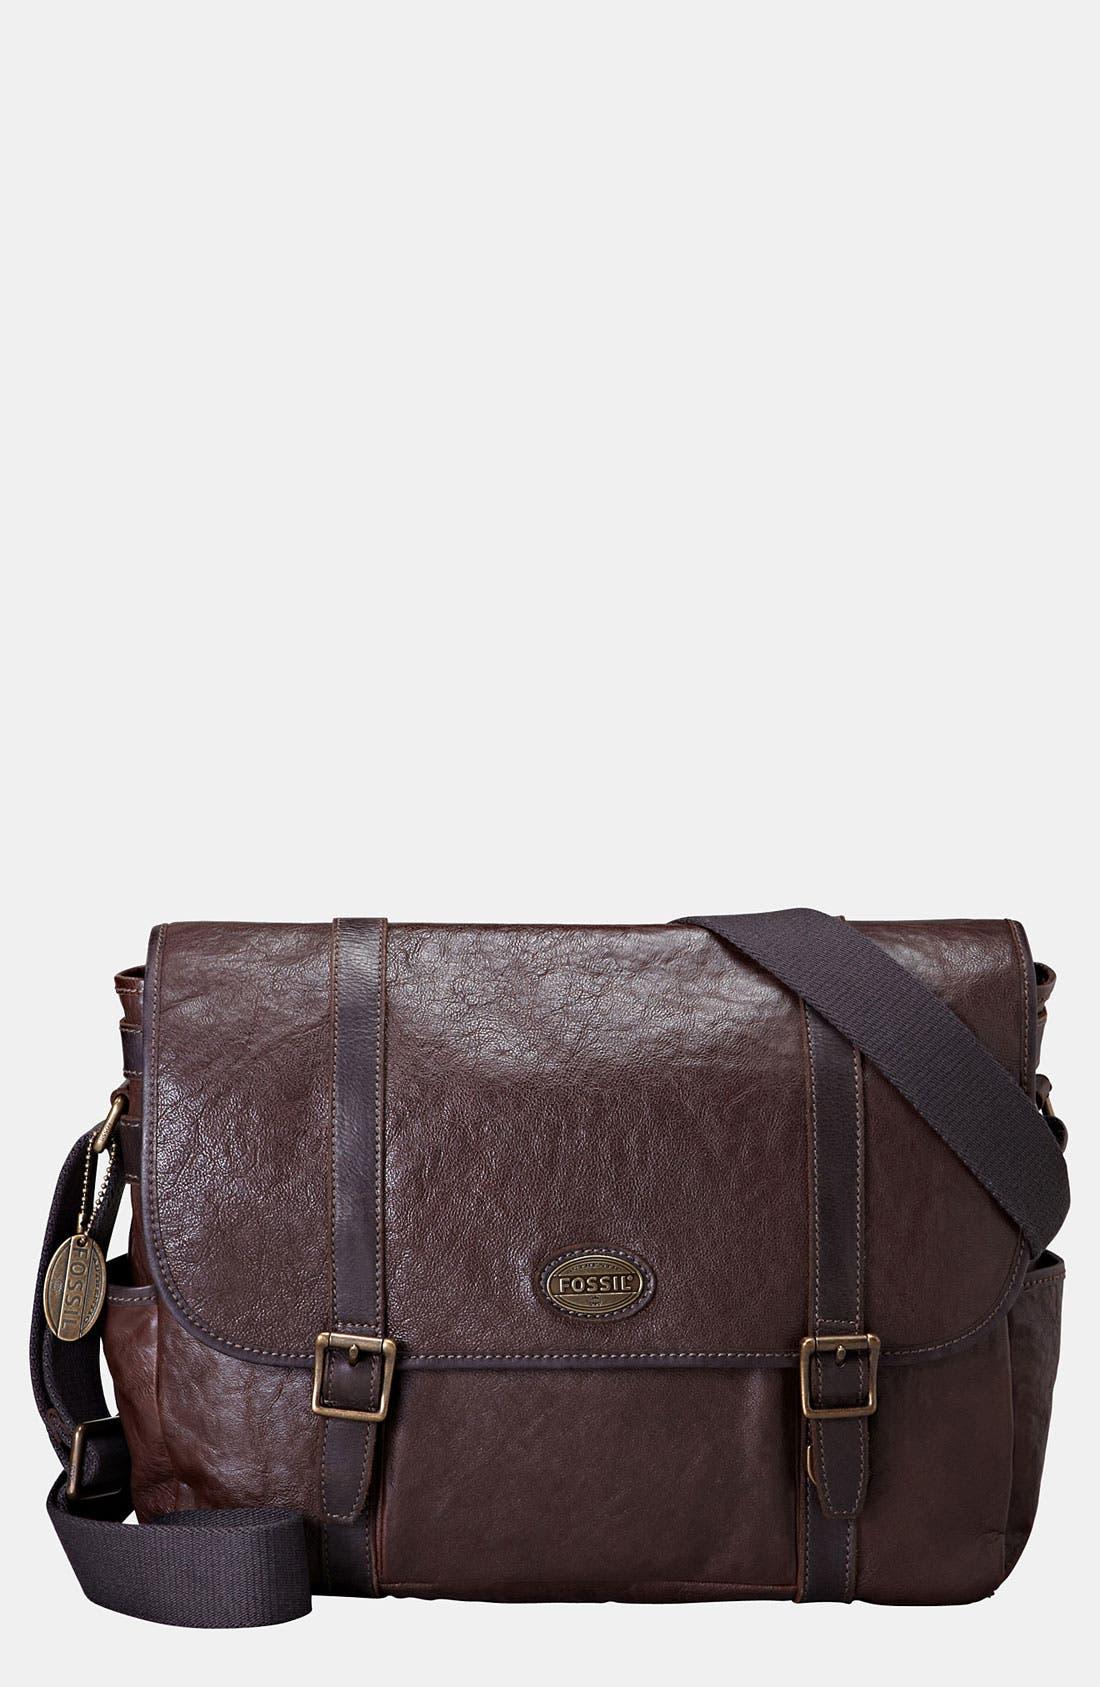 Alternate Image 1 Selected - Fossil 'Estate' Messenger Bag